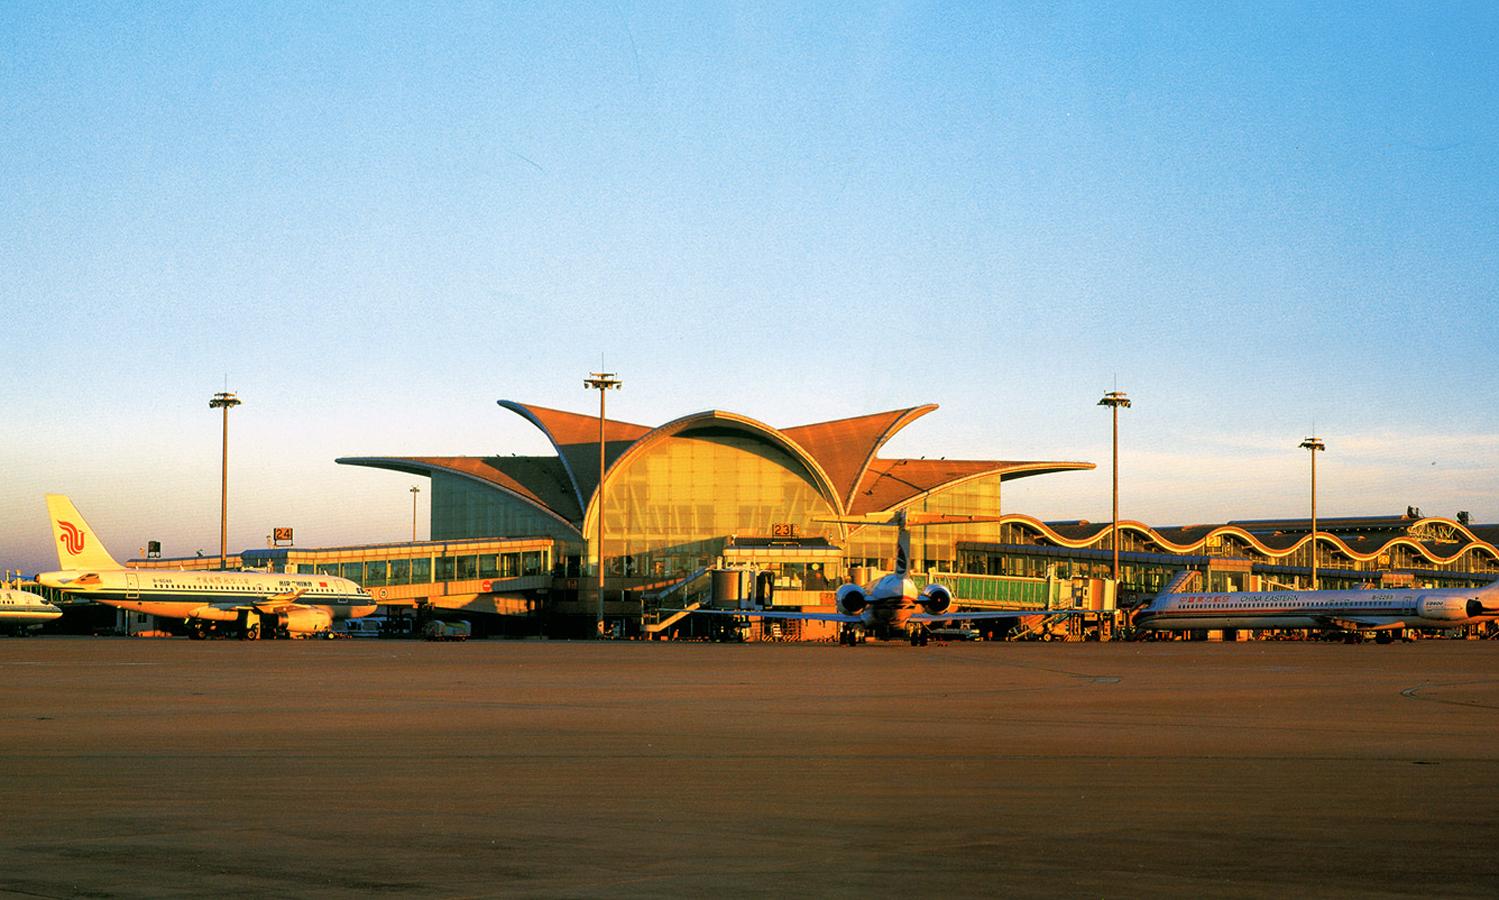 宜昌萧山机场航站楼